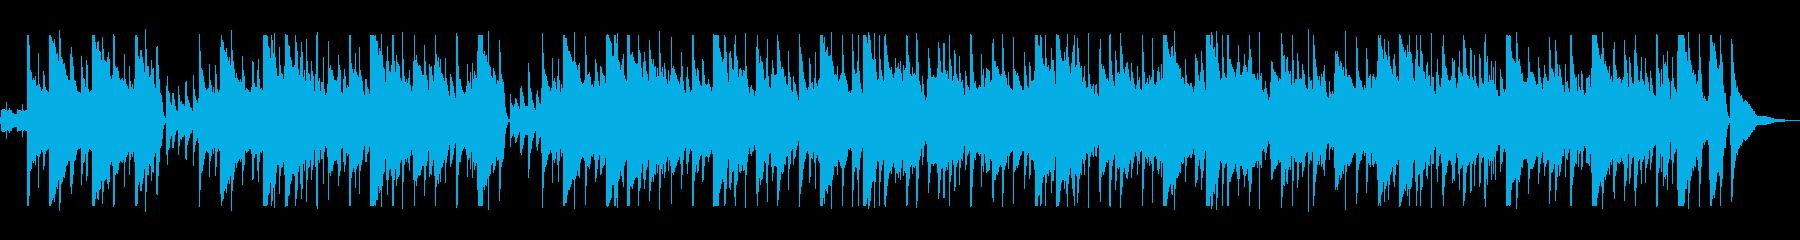 南国を思わせるミュージックの再生済みの波形